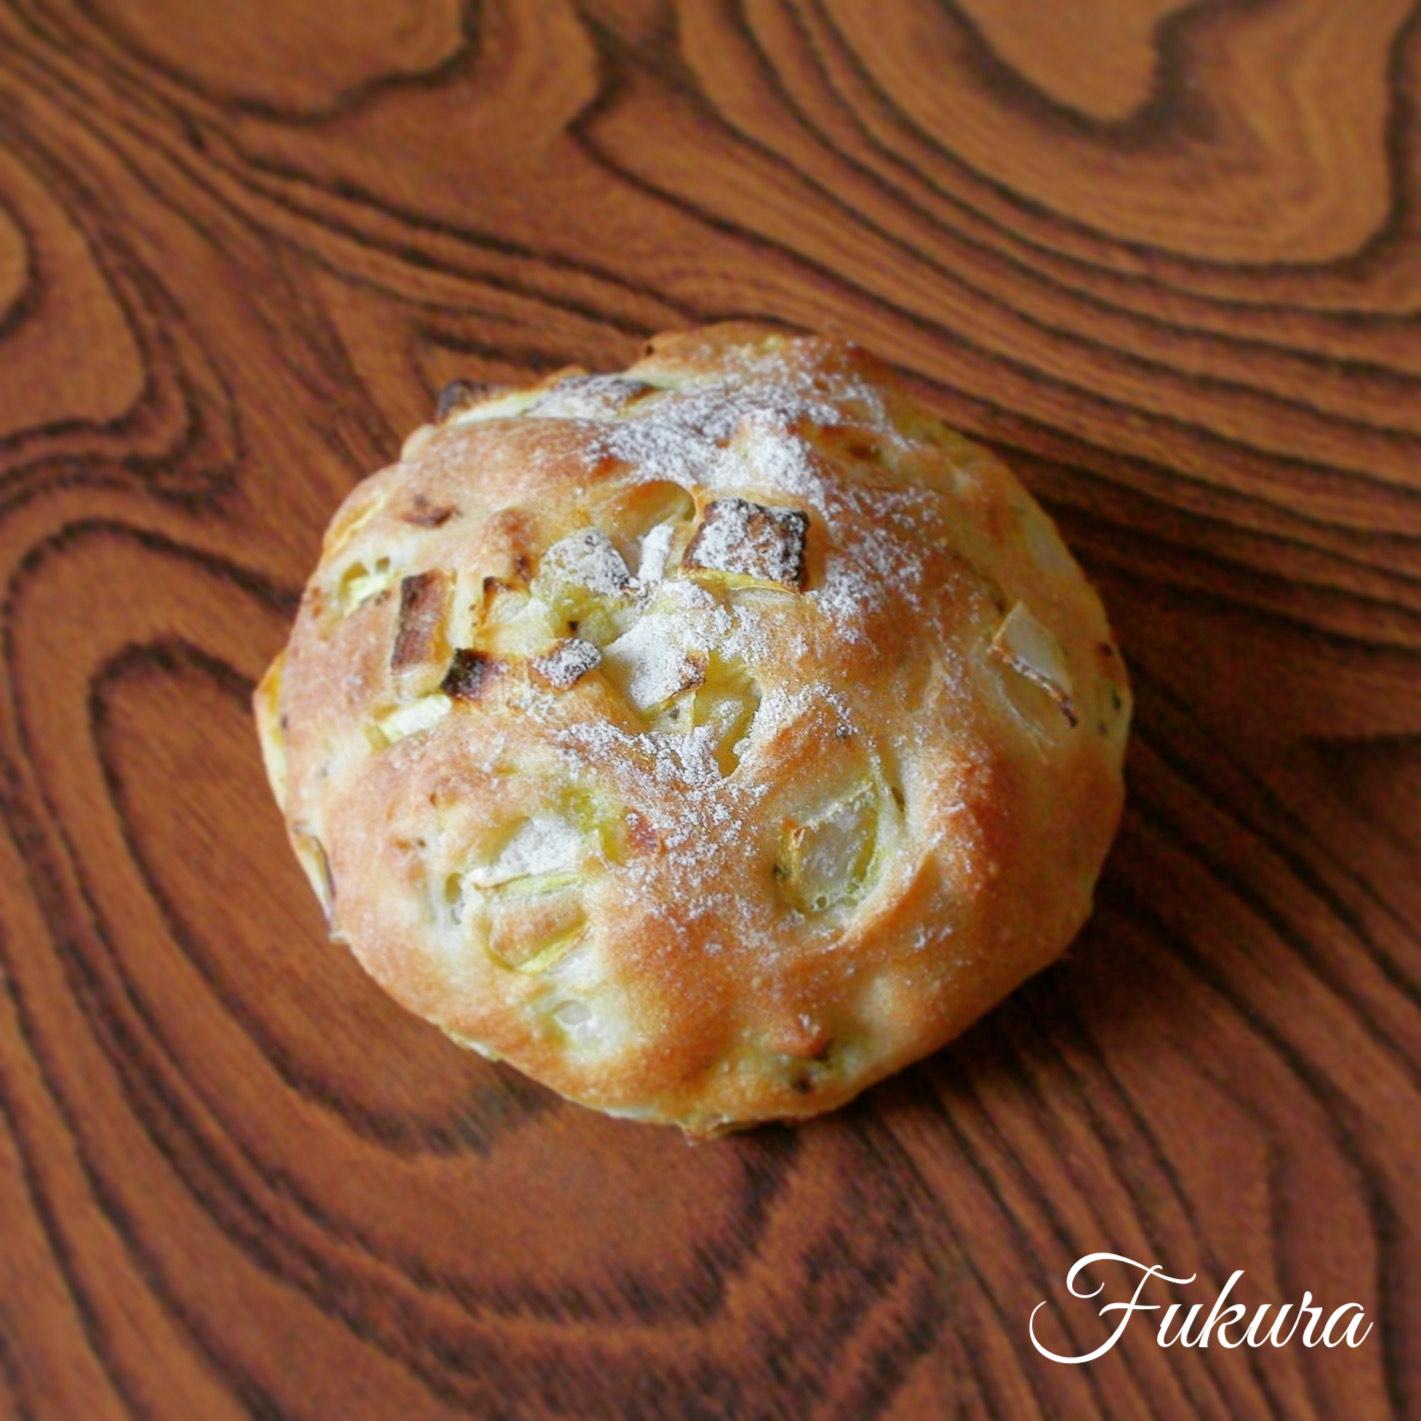 淡路島のたまねぎパン